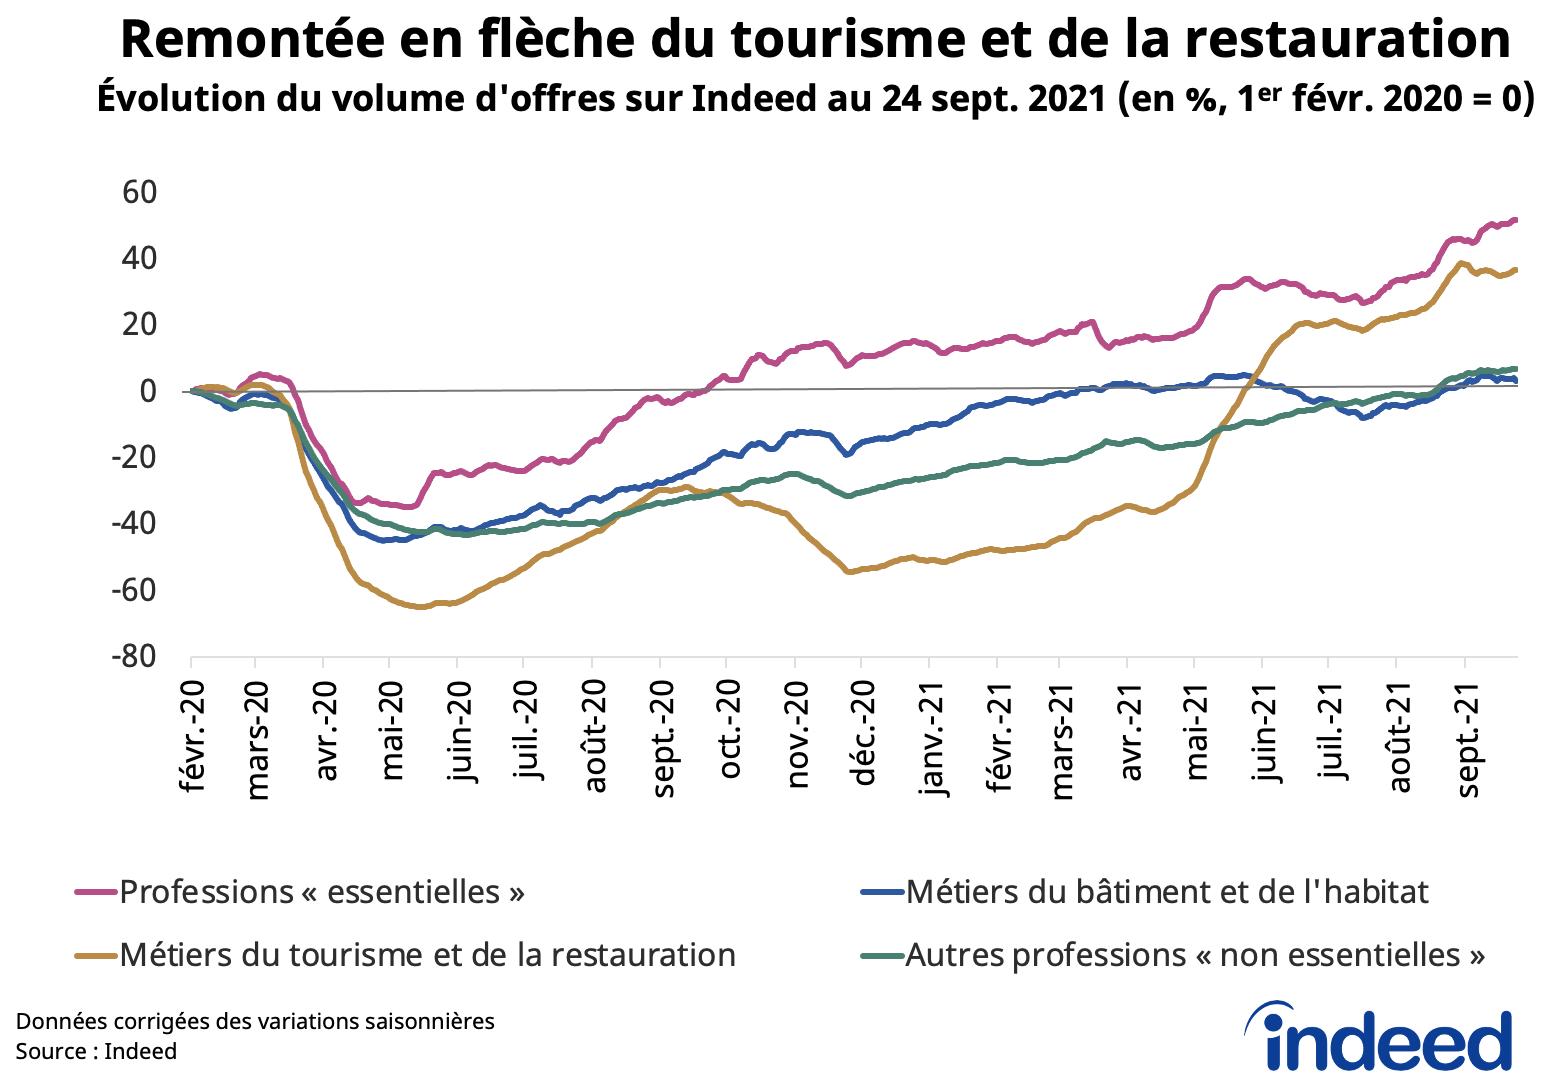 Le graphique en courbes illustre la reprise des recrutements en France dans différents secteurs et l'évolution, en pourcentage, du volume d'offres au 24 septembre 2021.